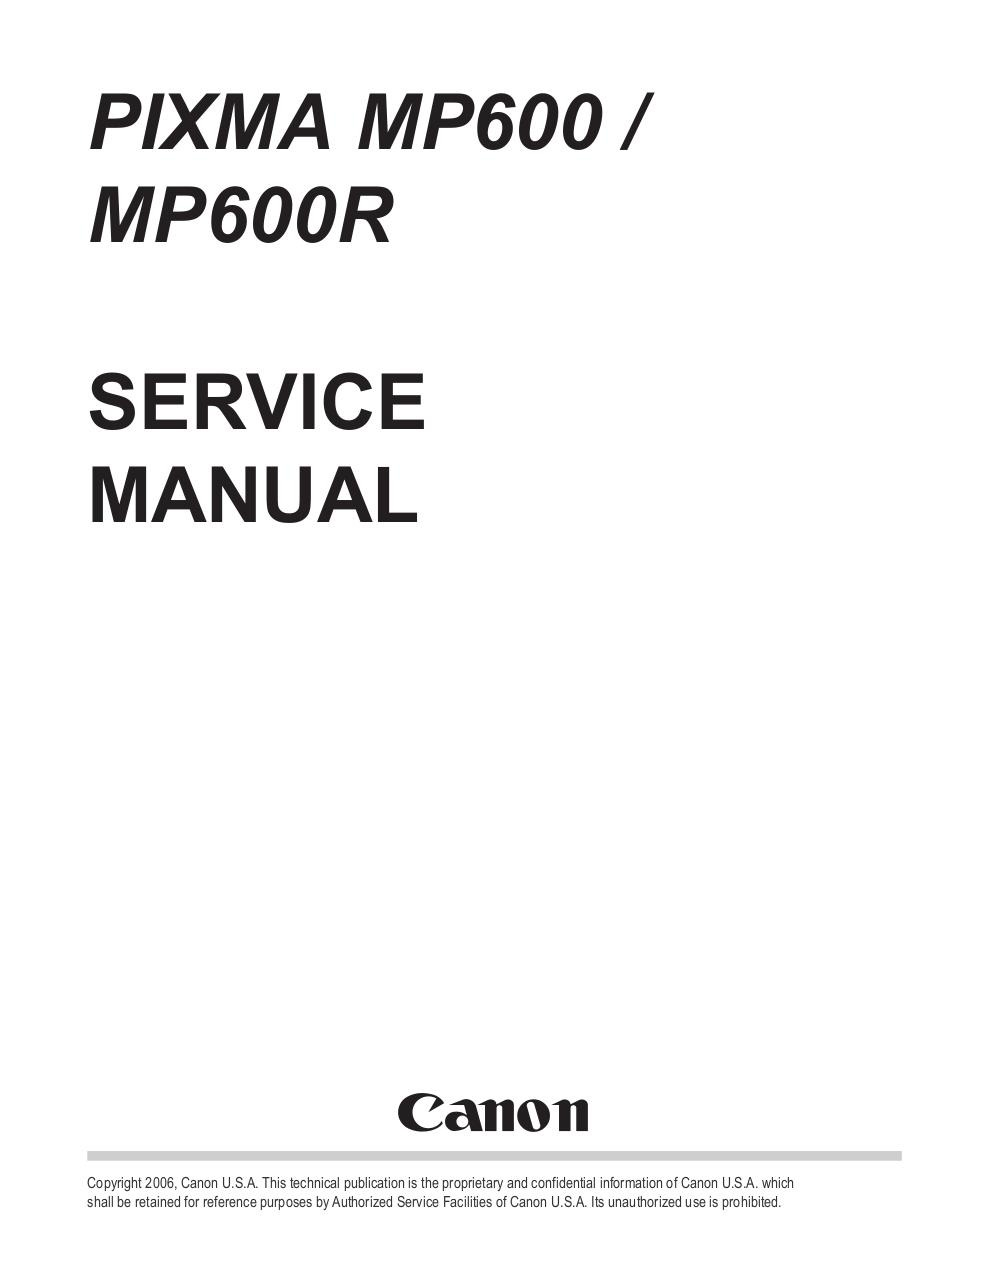 cvr4manuals par e08268 mp600600rsm pdf fichier pdf rh fichier pdf fr